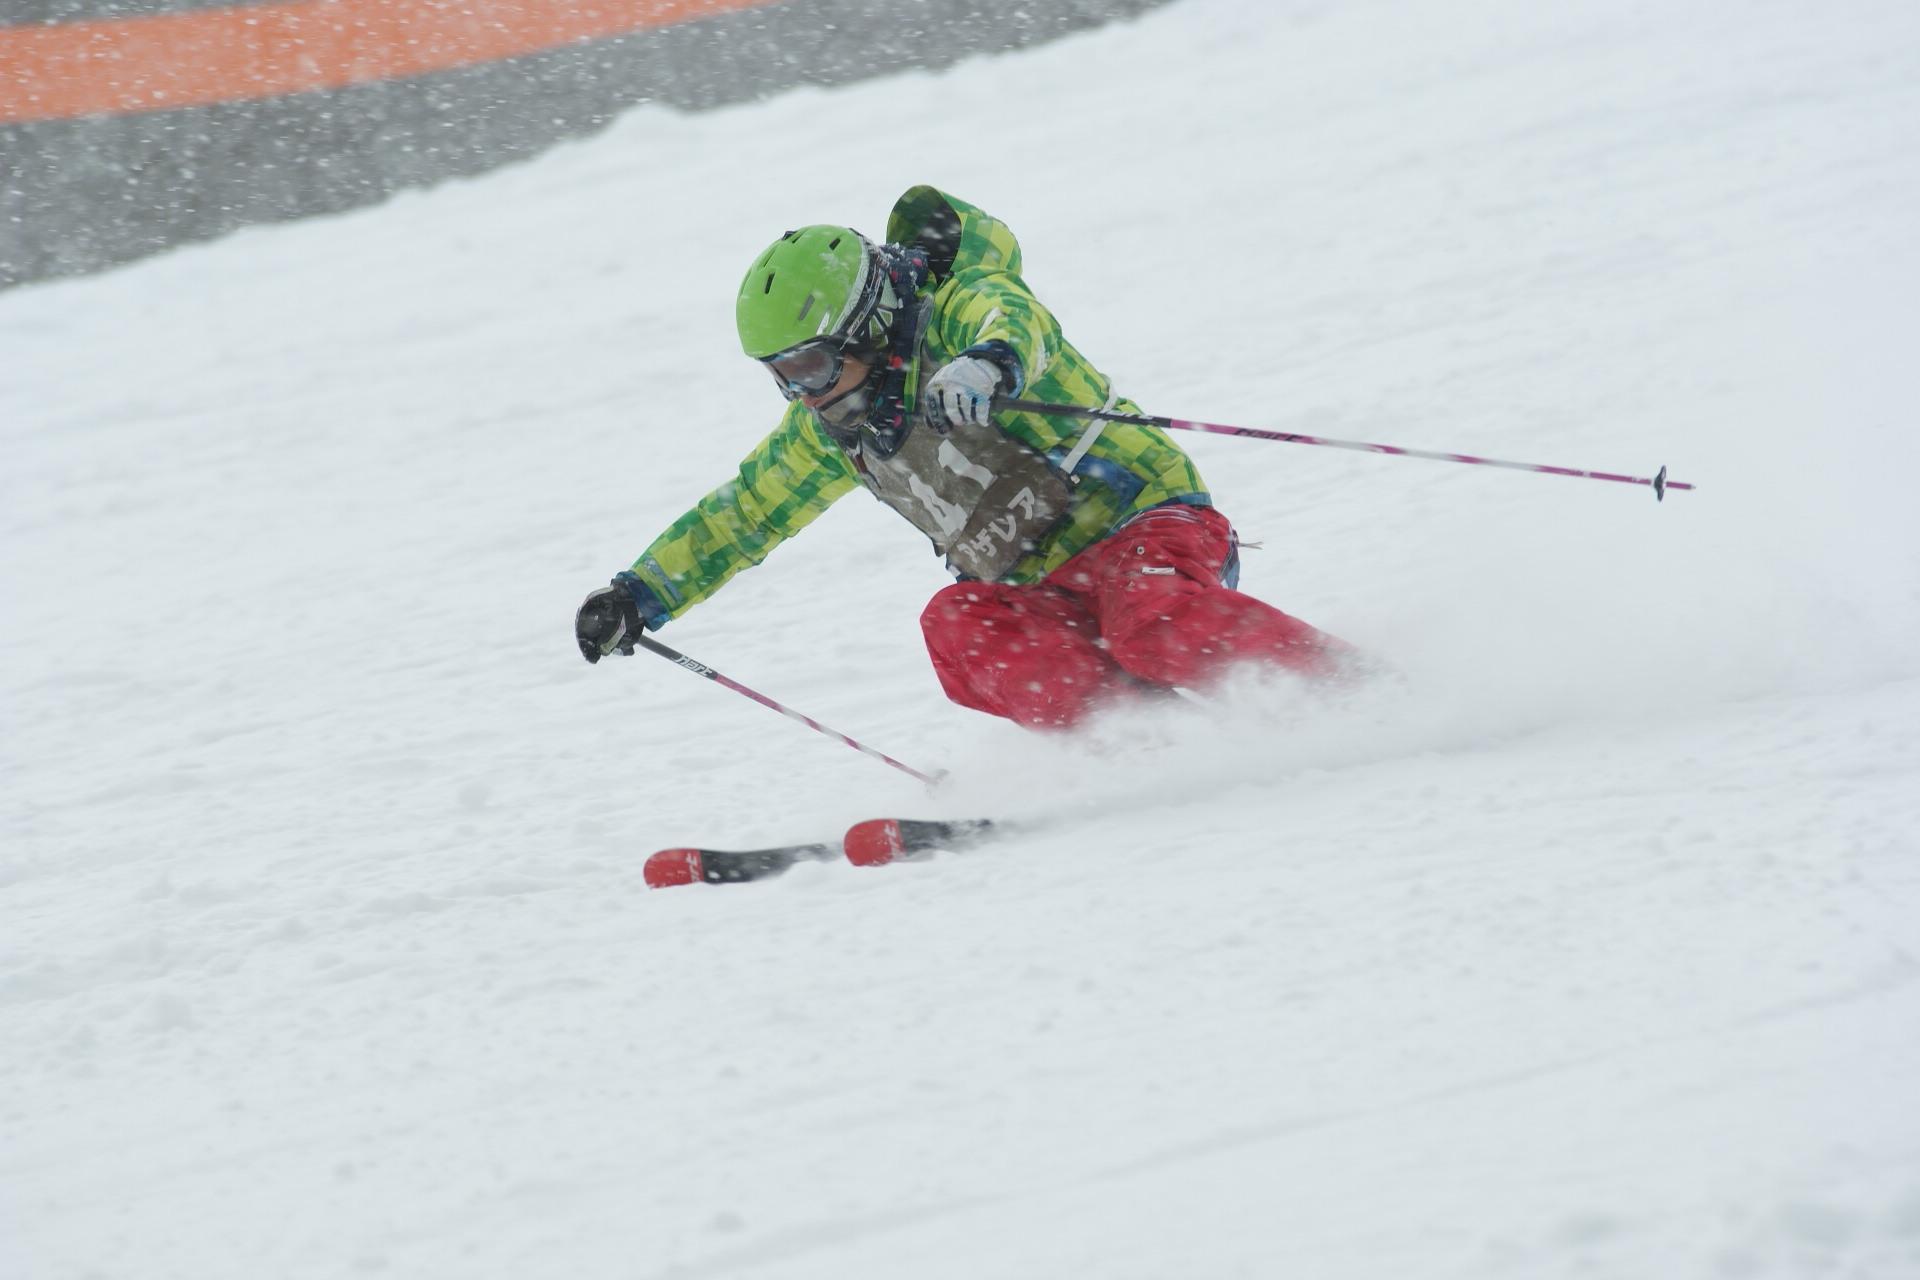 第11回 アザレア杯スキー技術選手権大会(総合滑降)その2